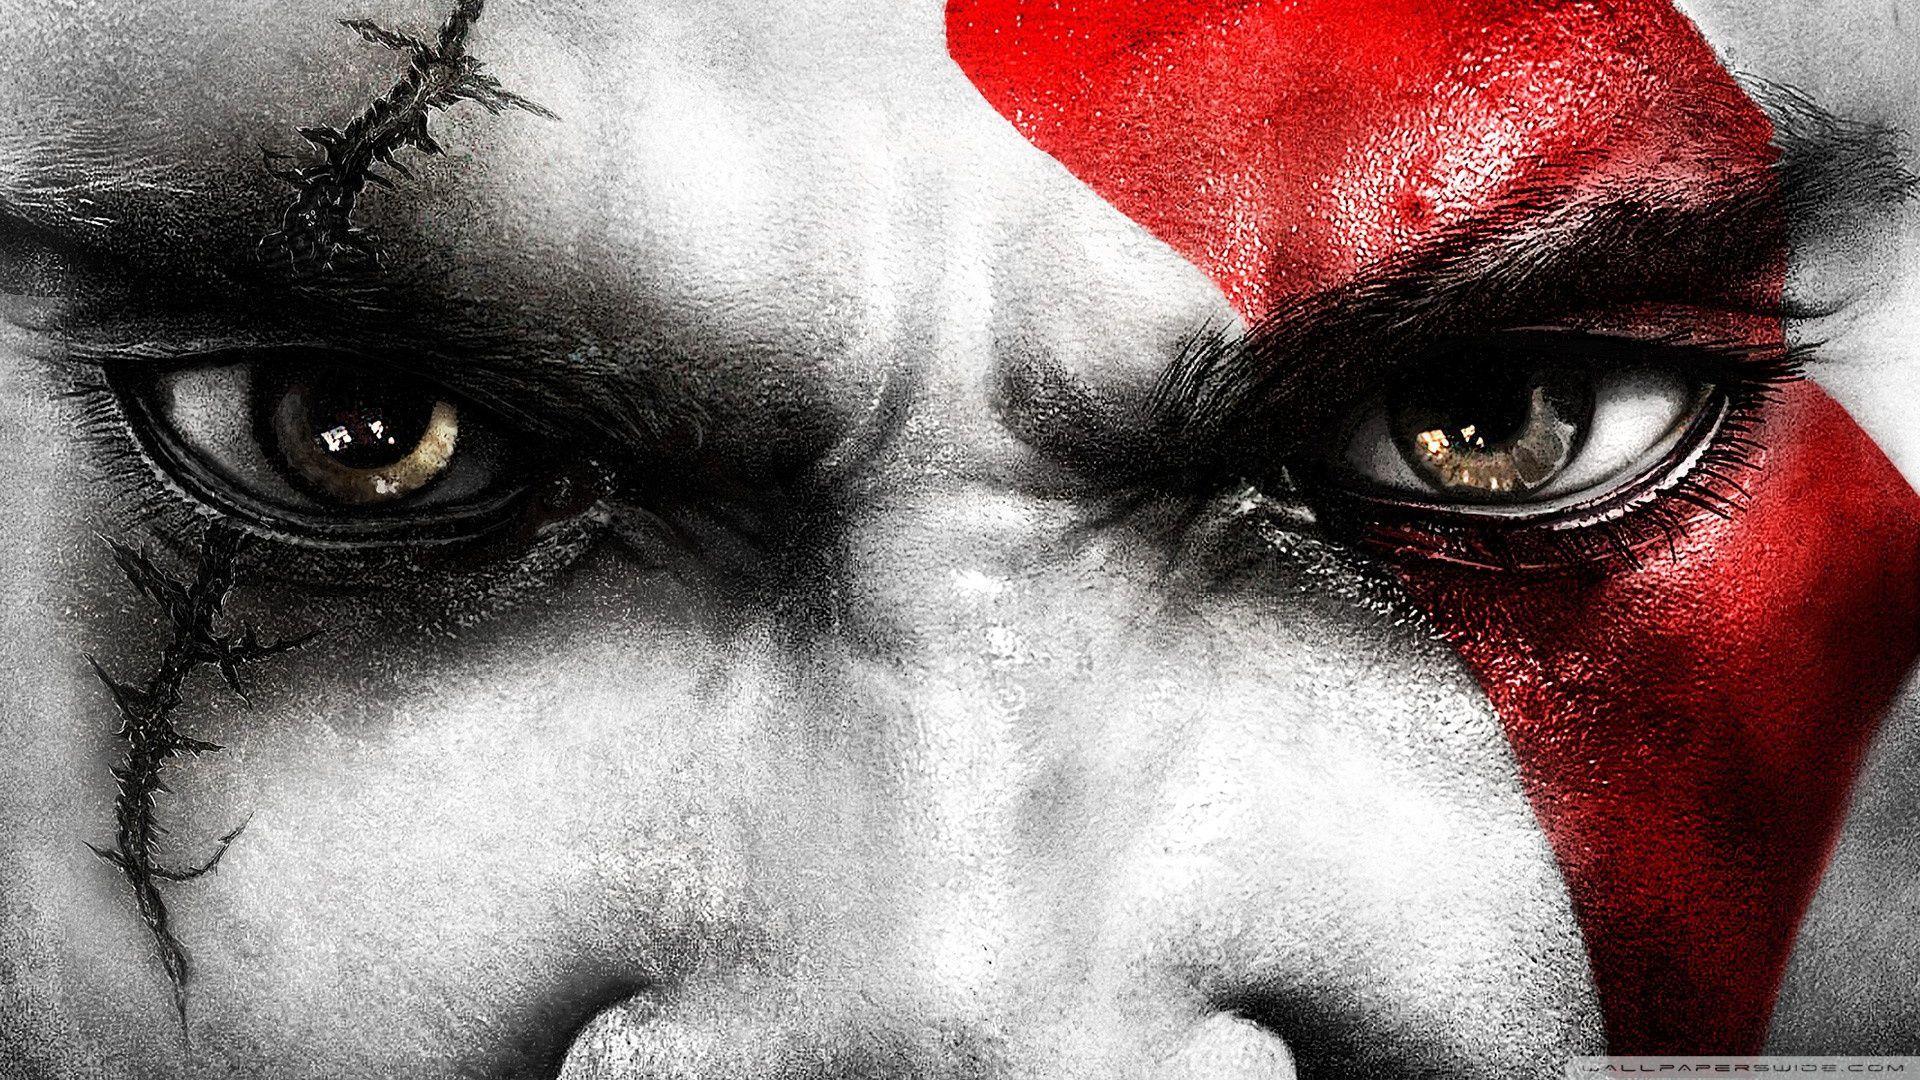 La palidez de Kratos le hizo ganarse su apodo de